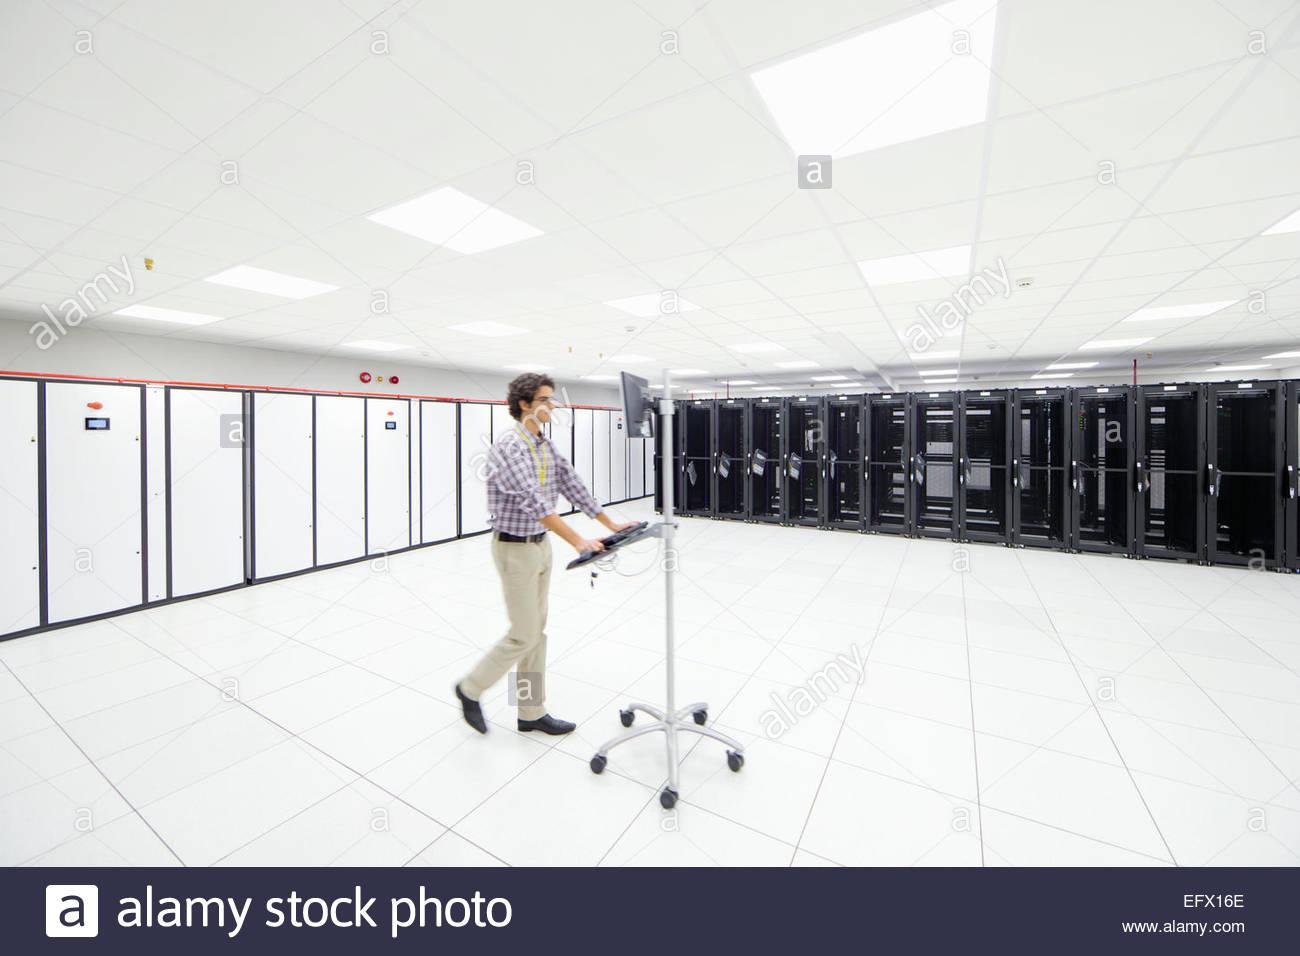 Mainframe Computer Stock Photos & Mainframe Computer Stock Images ...